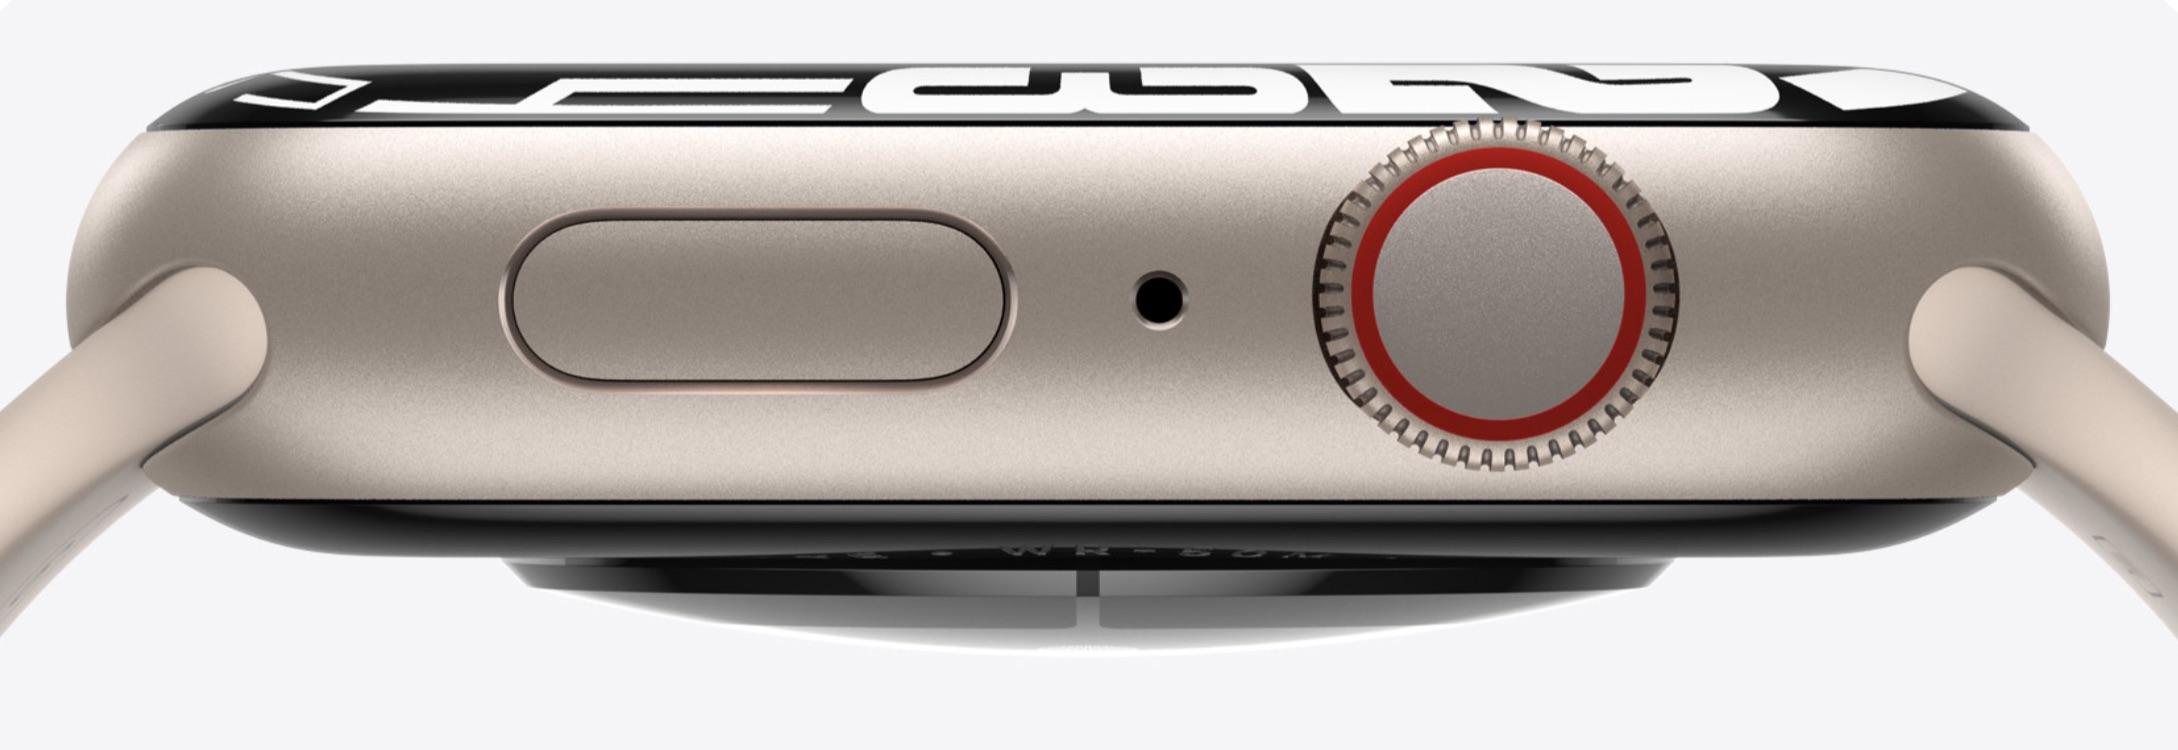 Apple Watch Series 7 blanco estrella